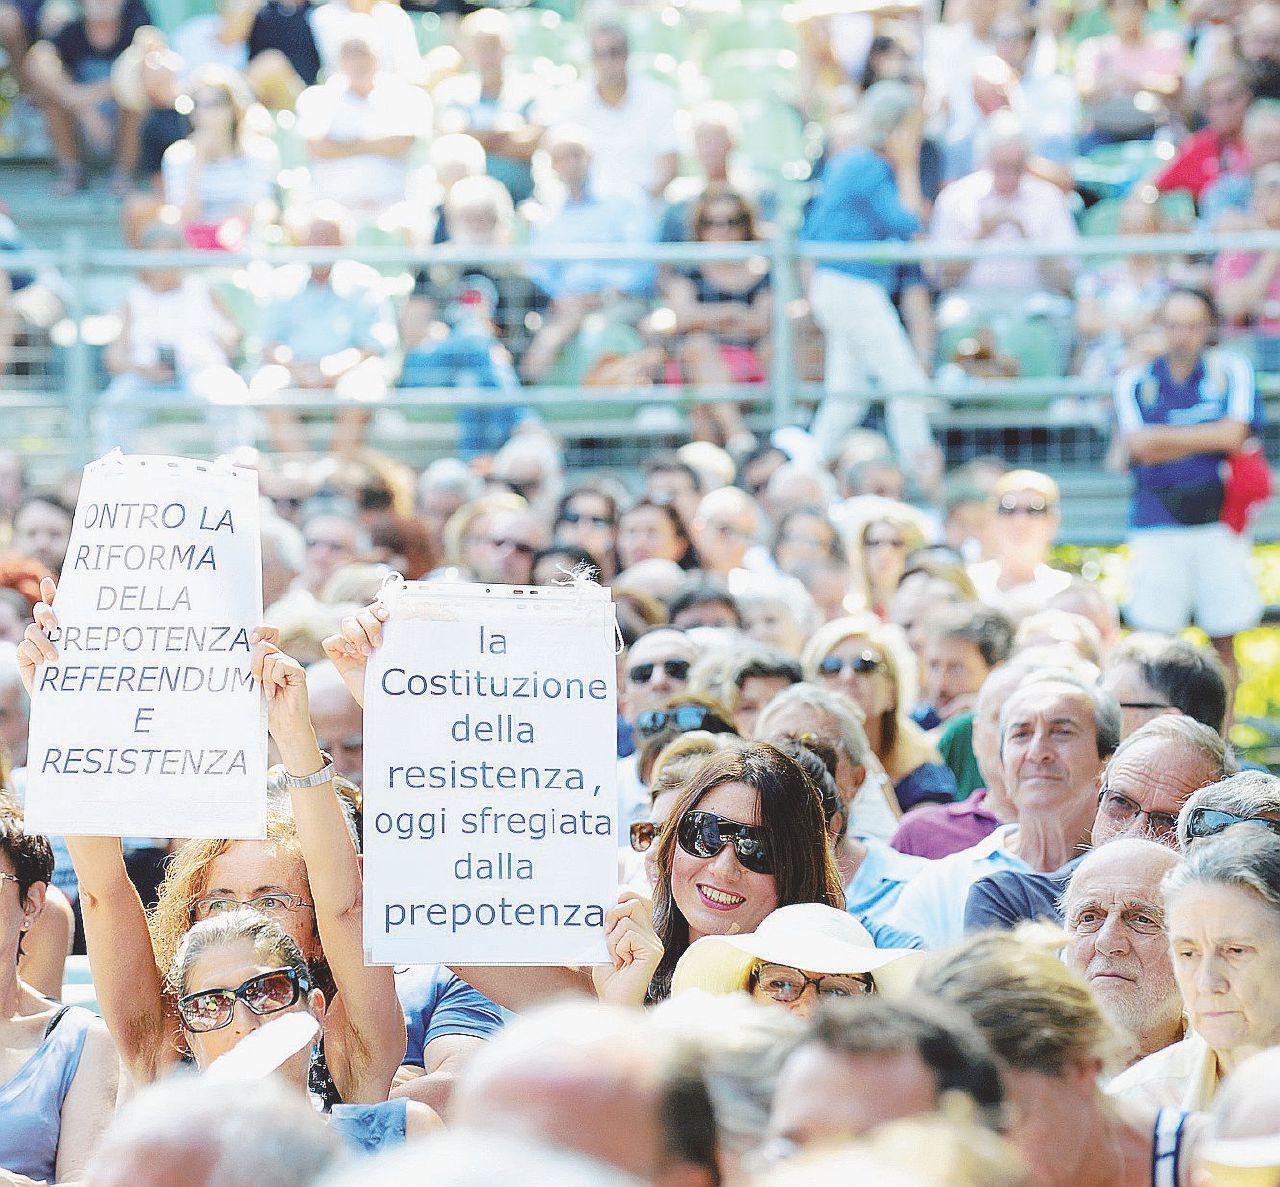 Referendum, bufale, leggi e libri: scatti dalla Festa del Fatto